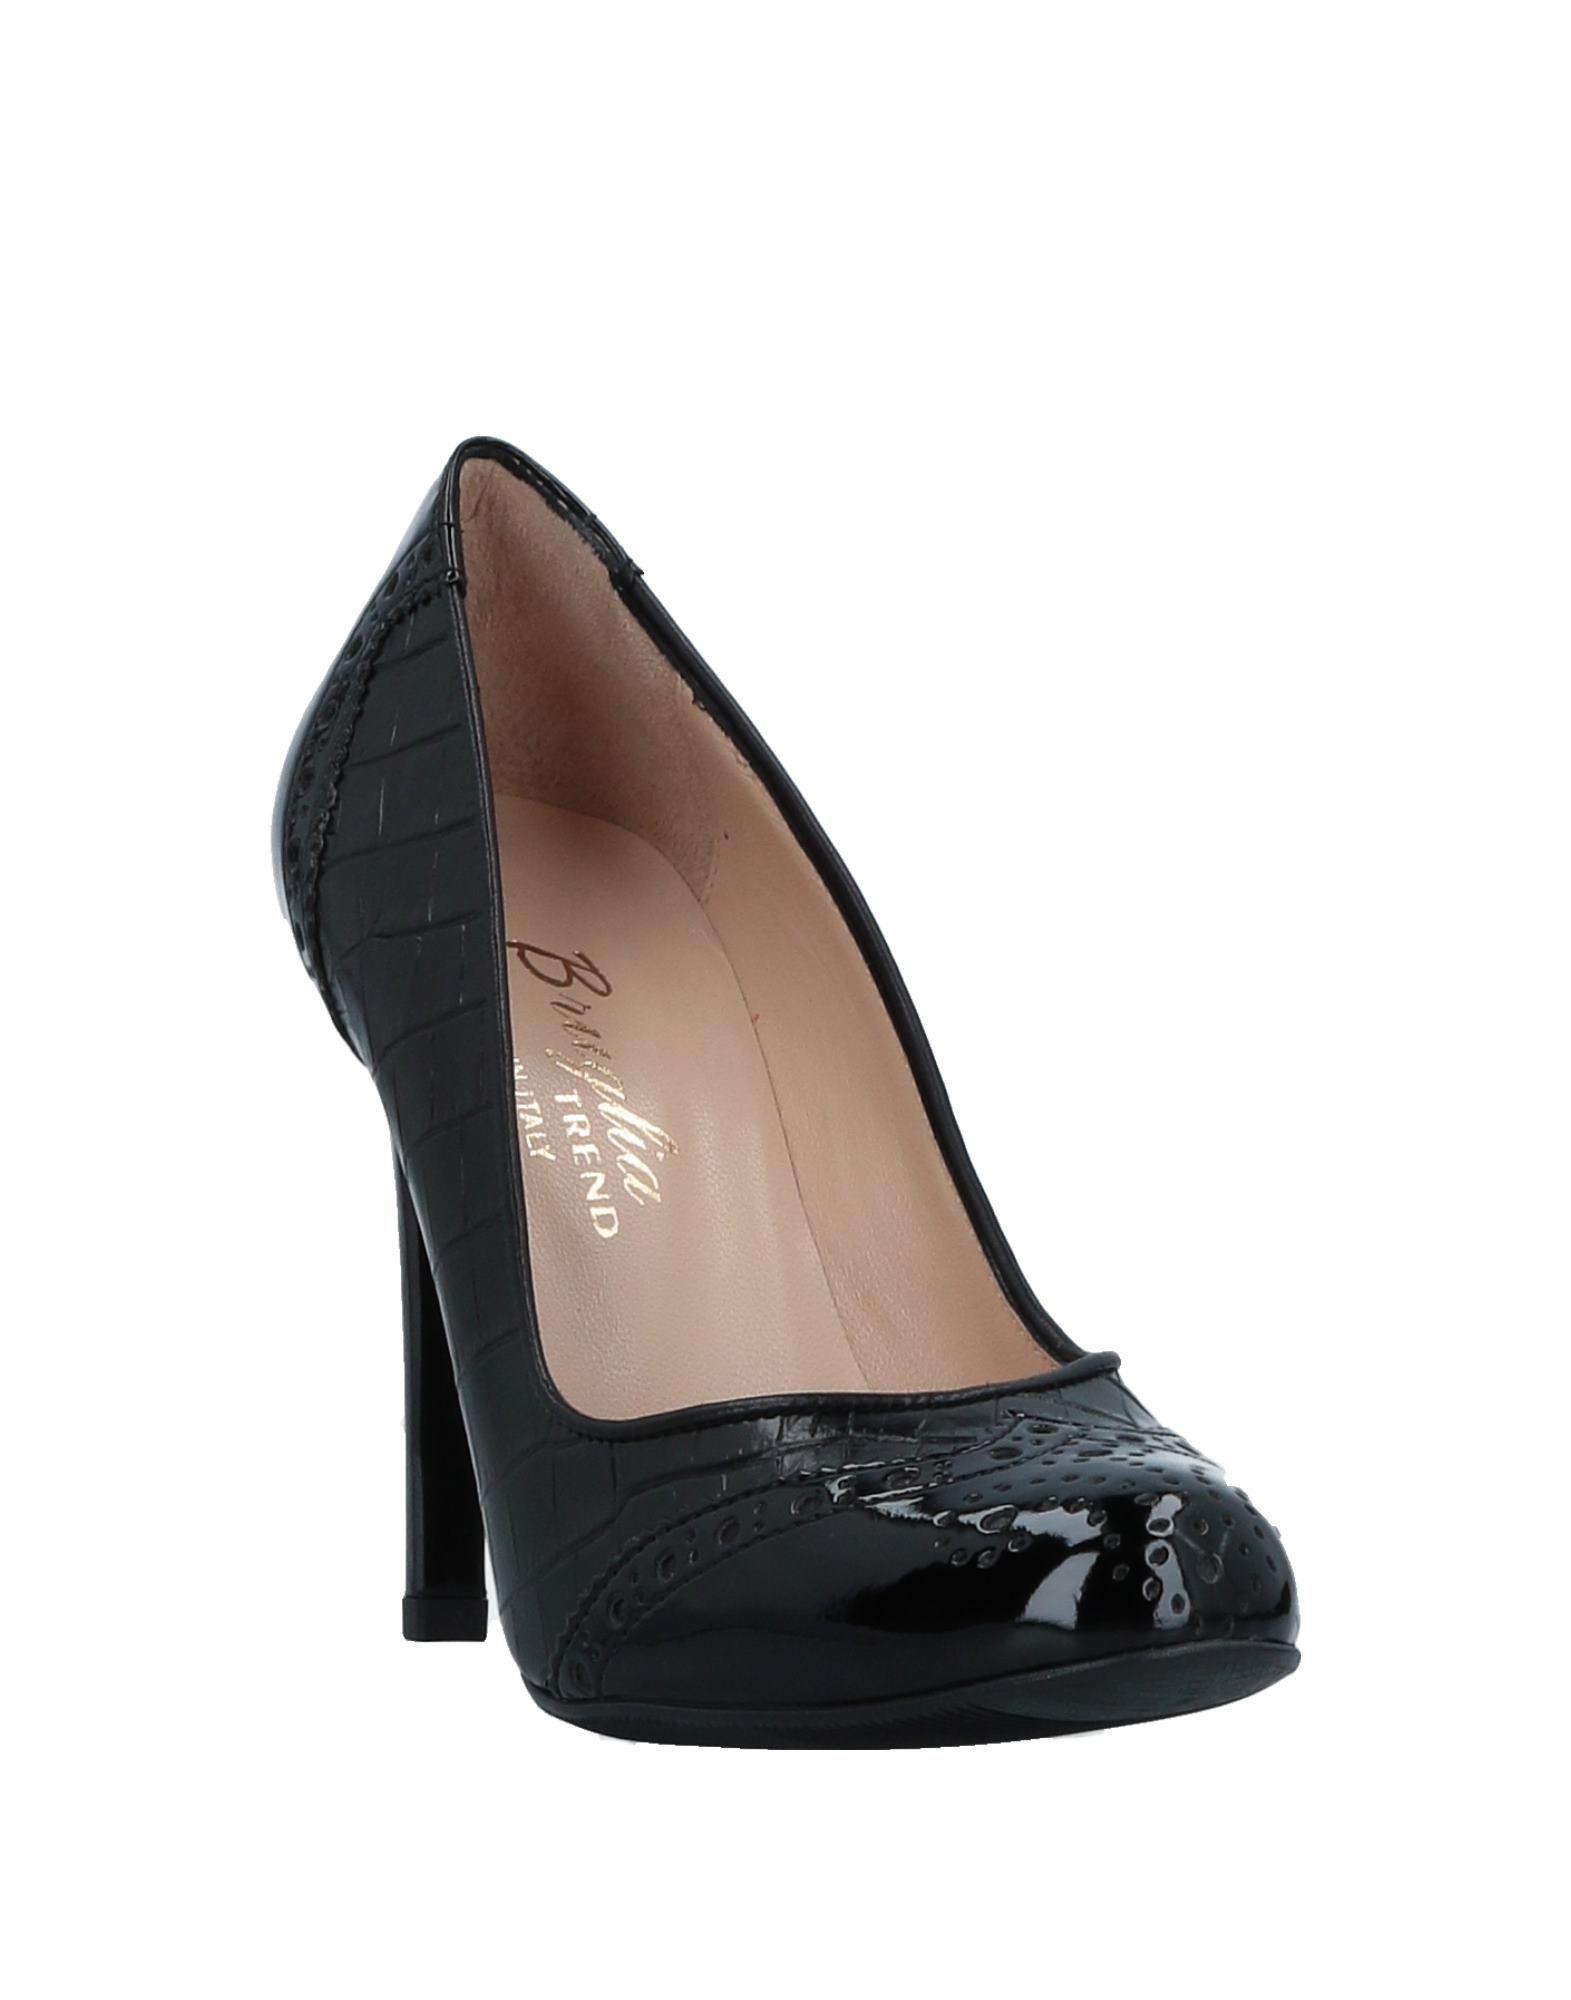 Stilvolle billige Schuhe Damen F.Lli Bruglia Pumps Damen Schuhe  11519896RI eda1ca